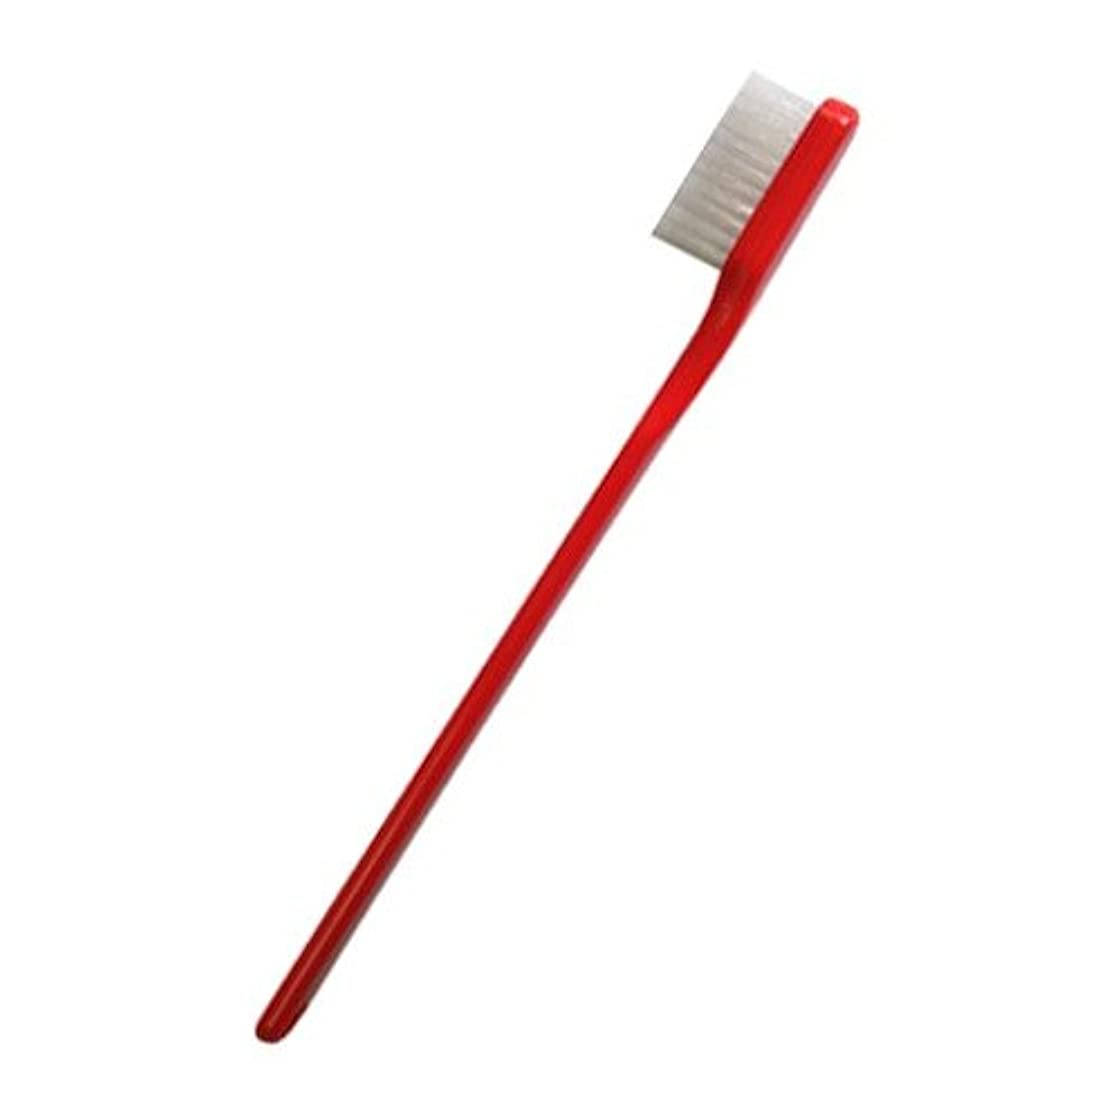 抑制マスタード突き出すPHB 歯ブラシ 大人用 レッド